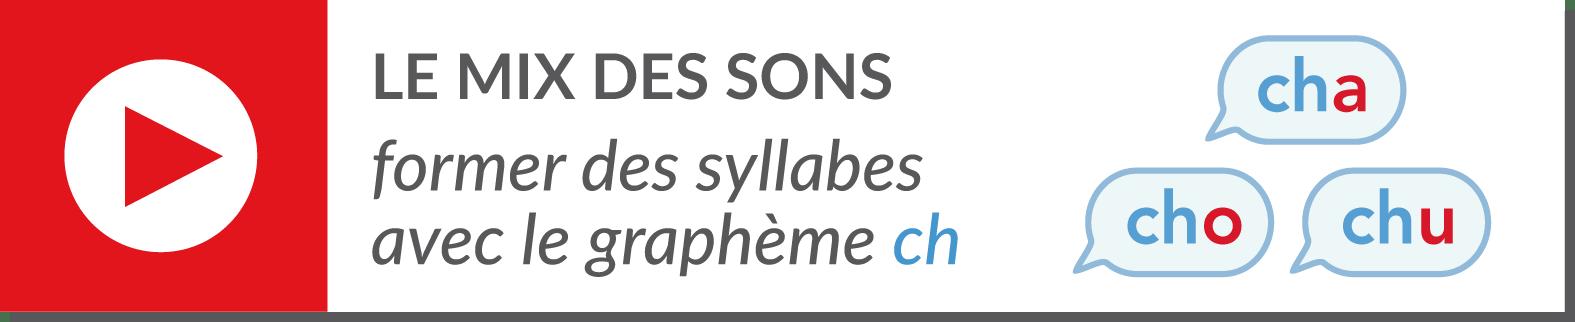 lecture de syllabes - vidéo syllabes - graphème ch